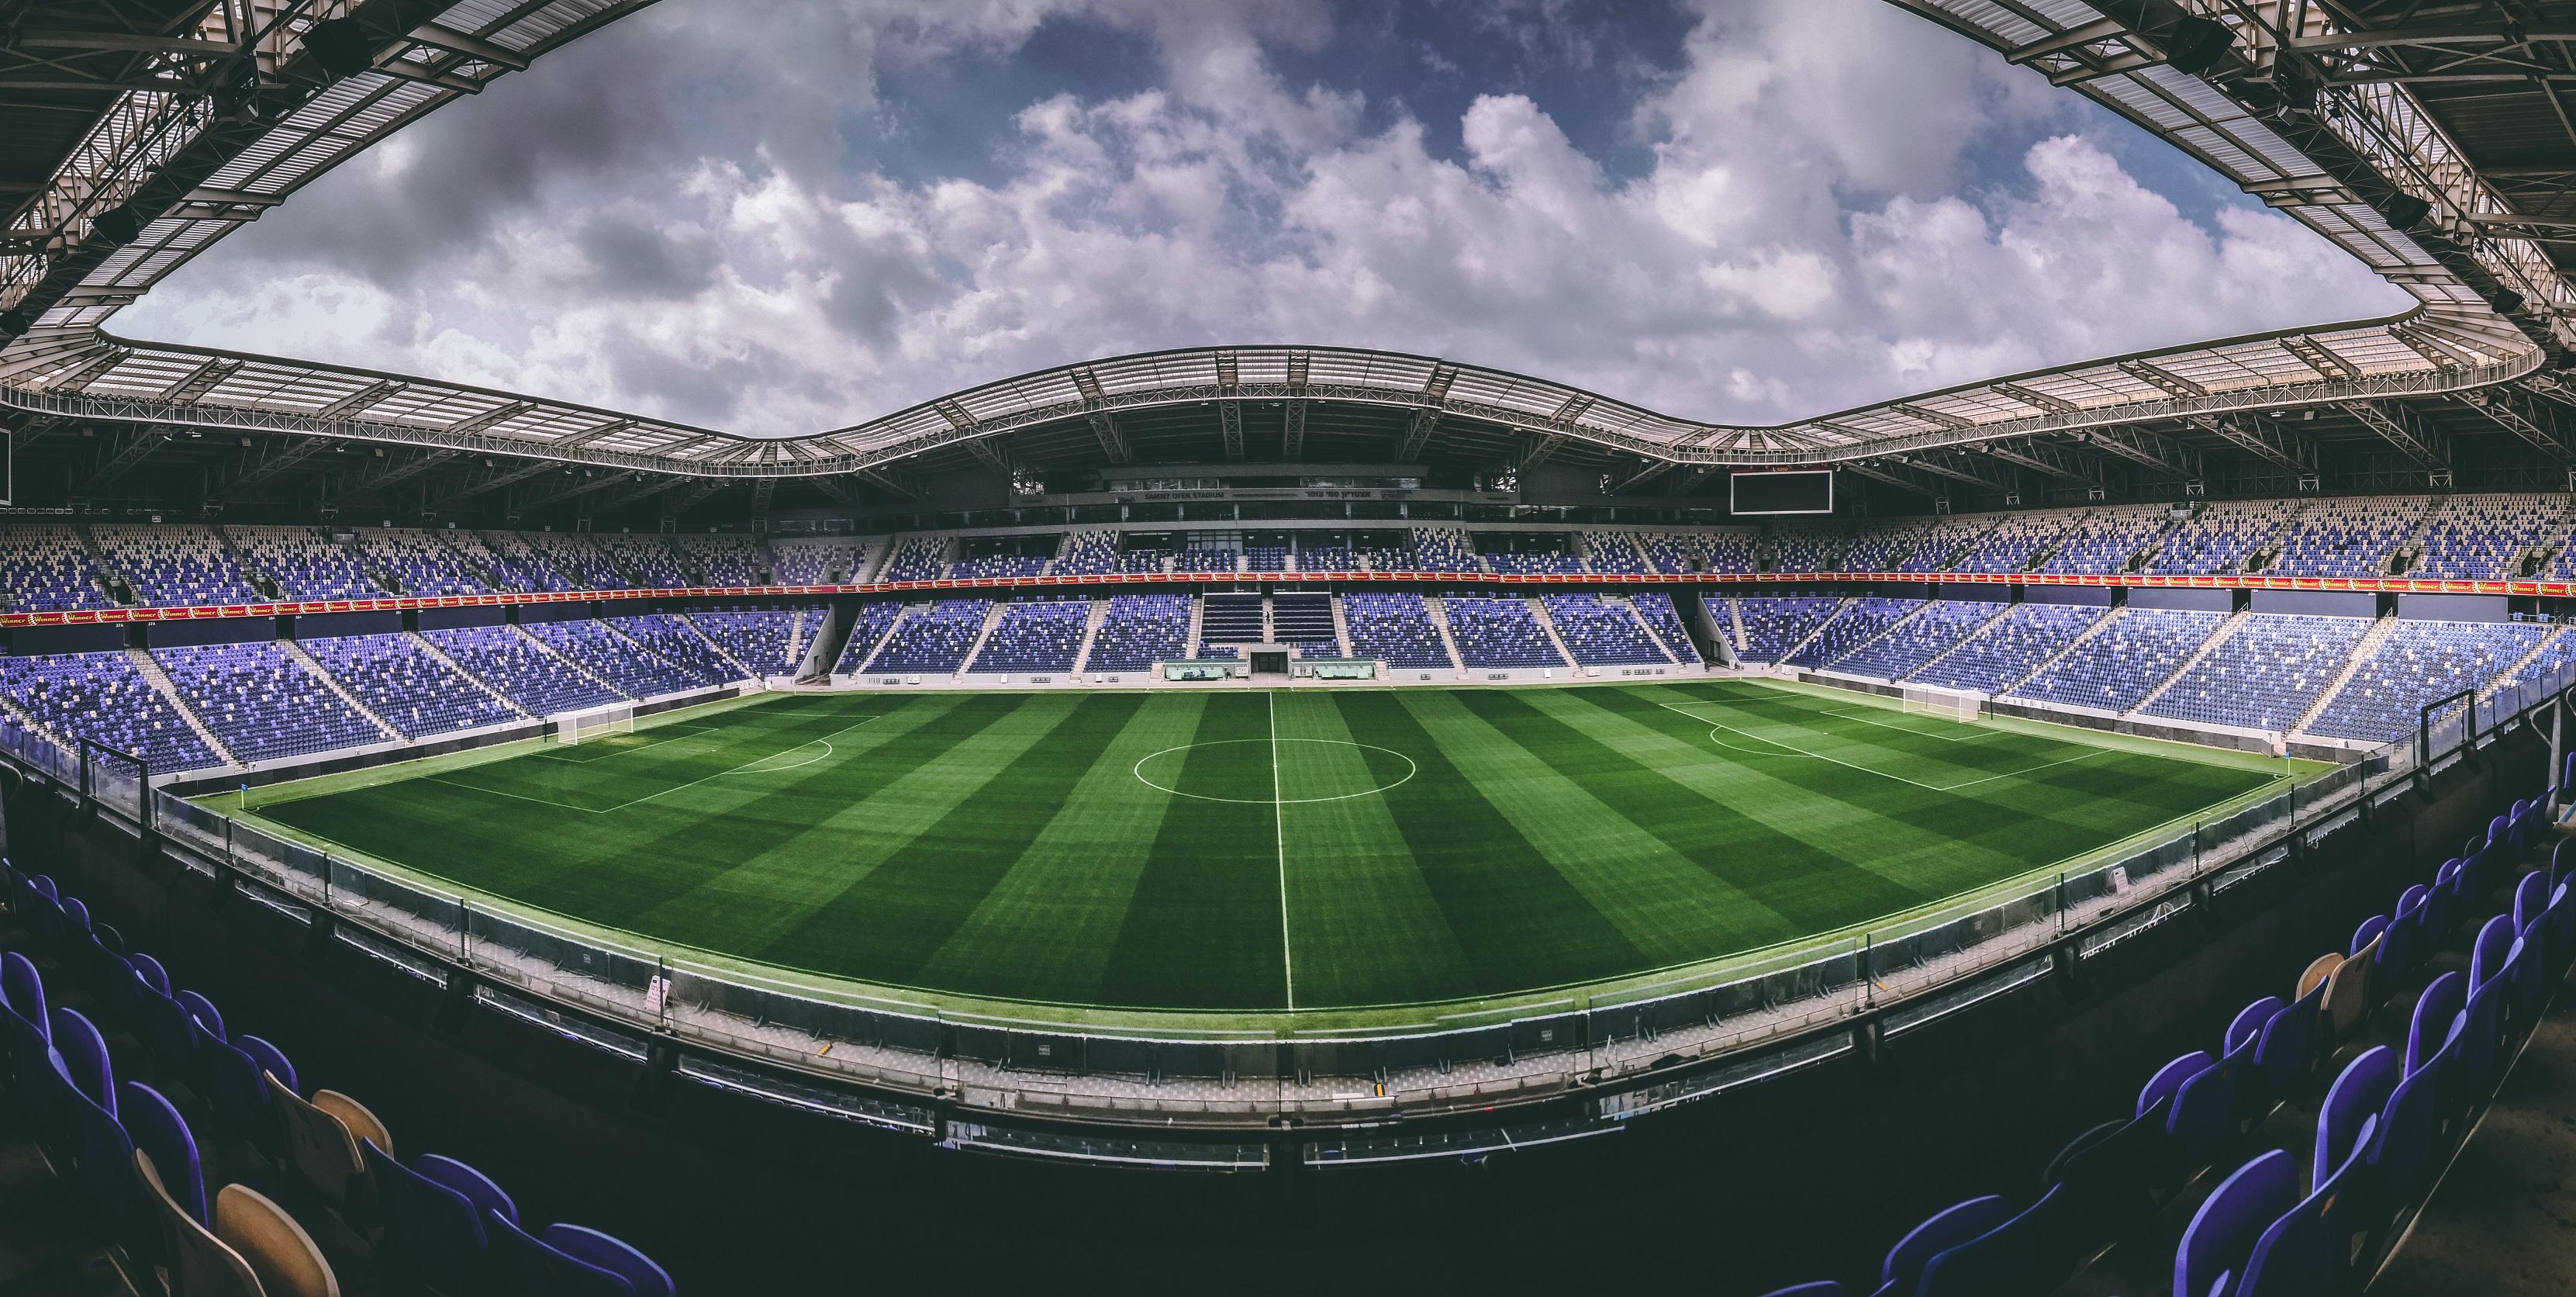 אצטדיון סמי עופר חיפה. צילום: אלדד אלוני